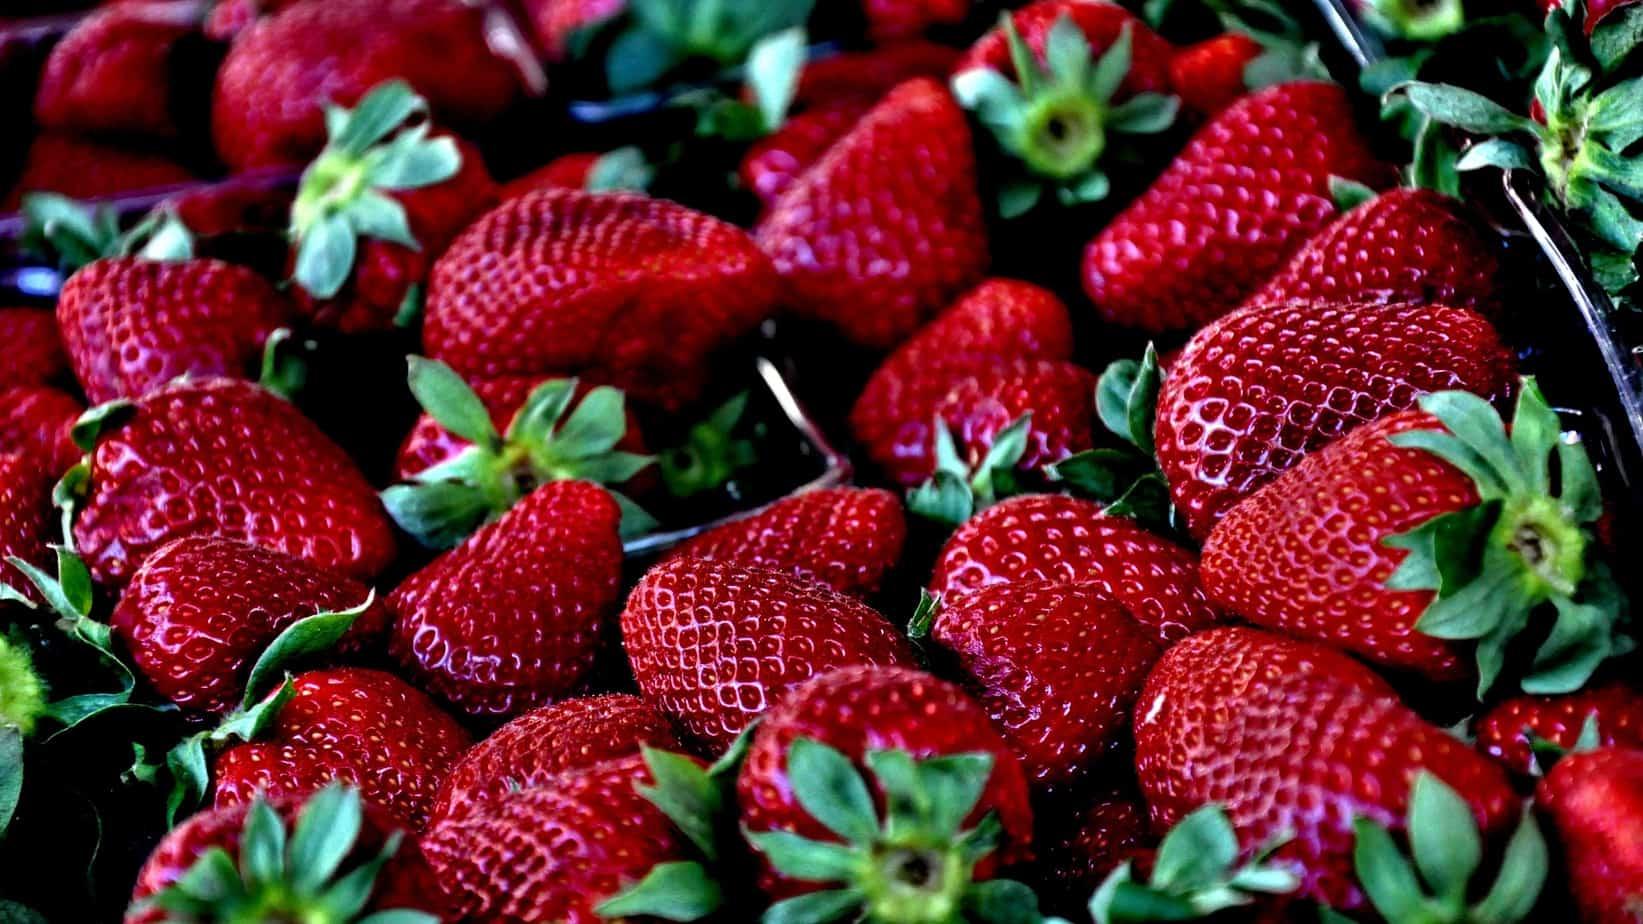 strawberryfestival